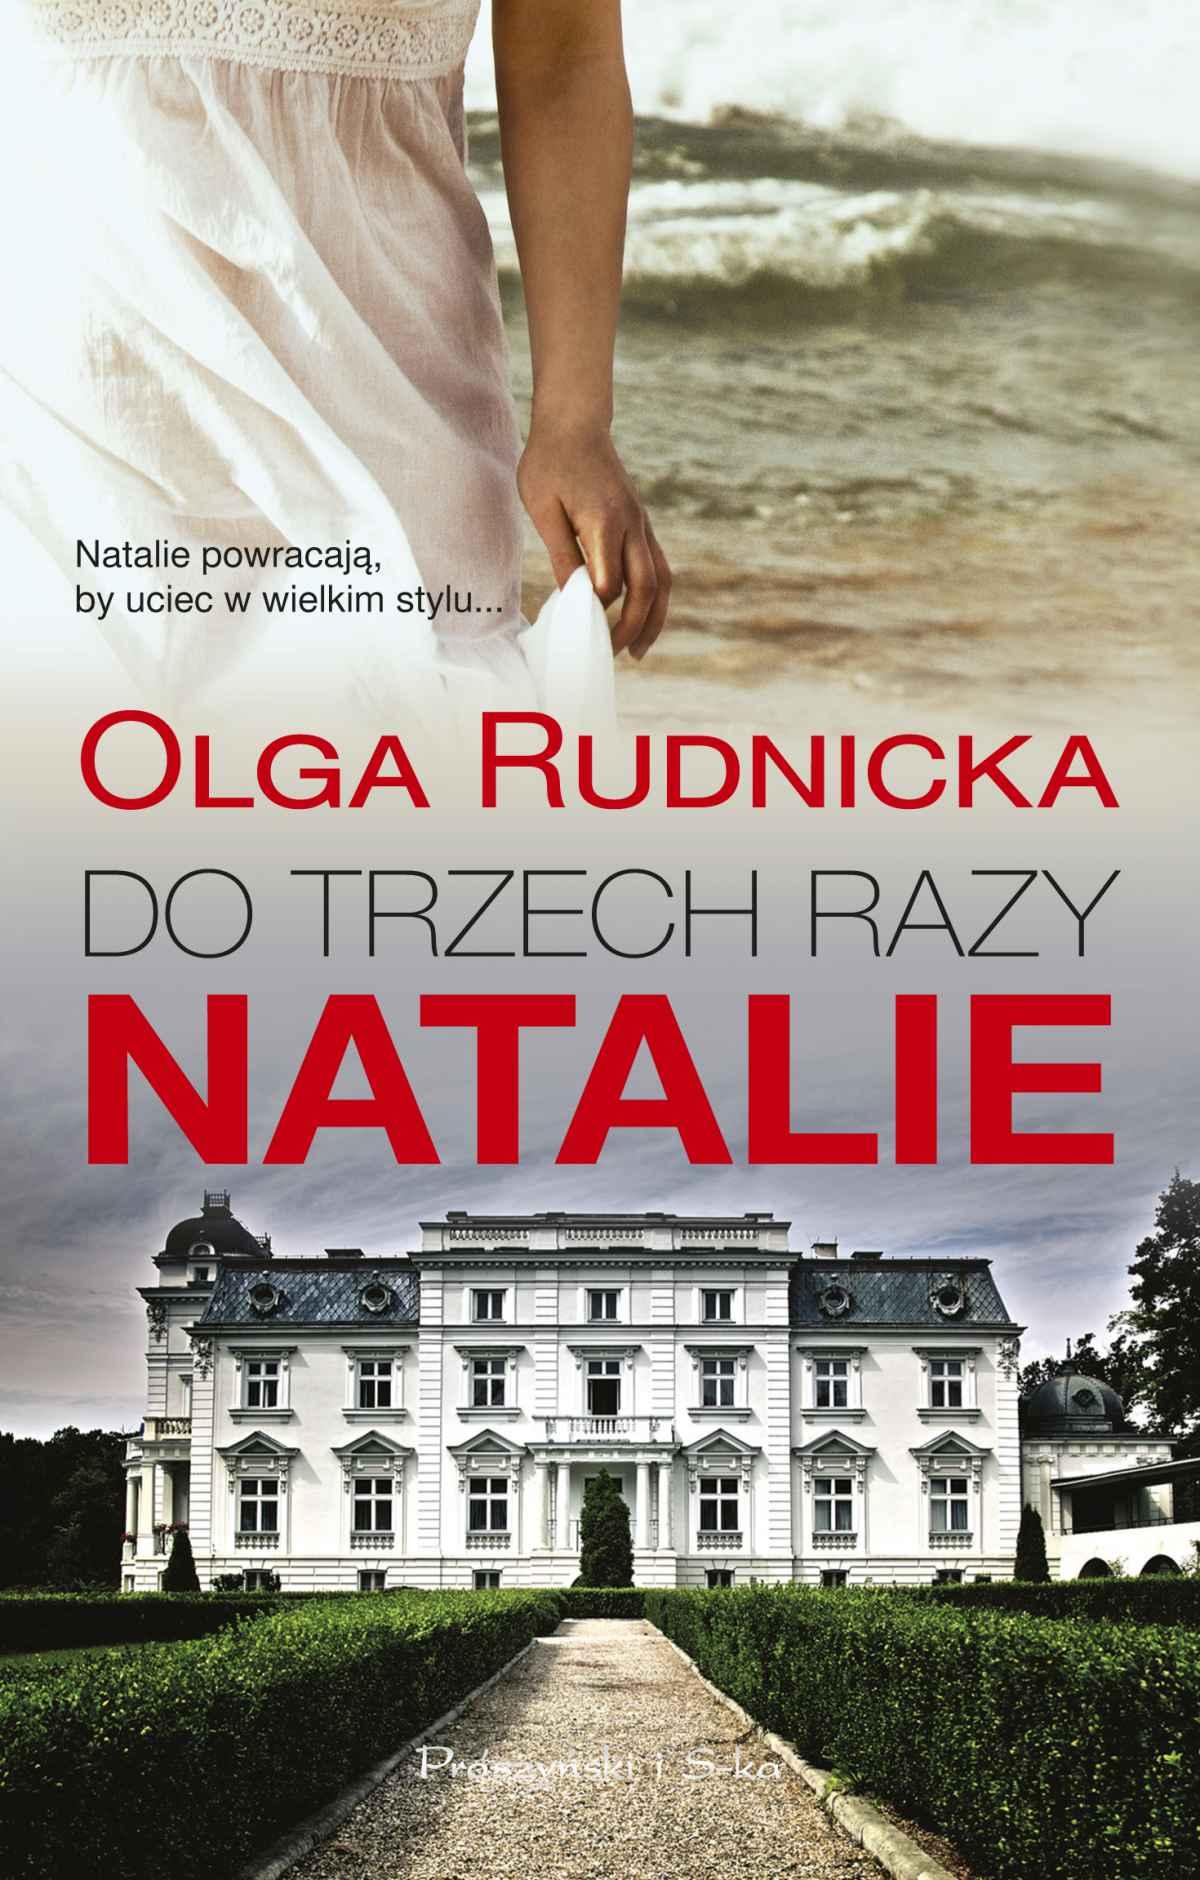 Do trzech razy Natalie. - Ebook (Książka EPUB) do pobrania w formacie EPUB